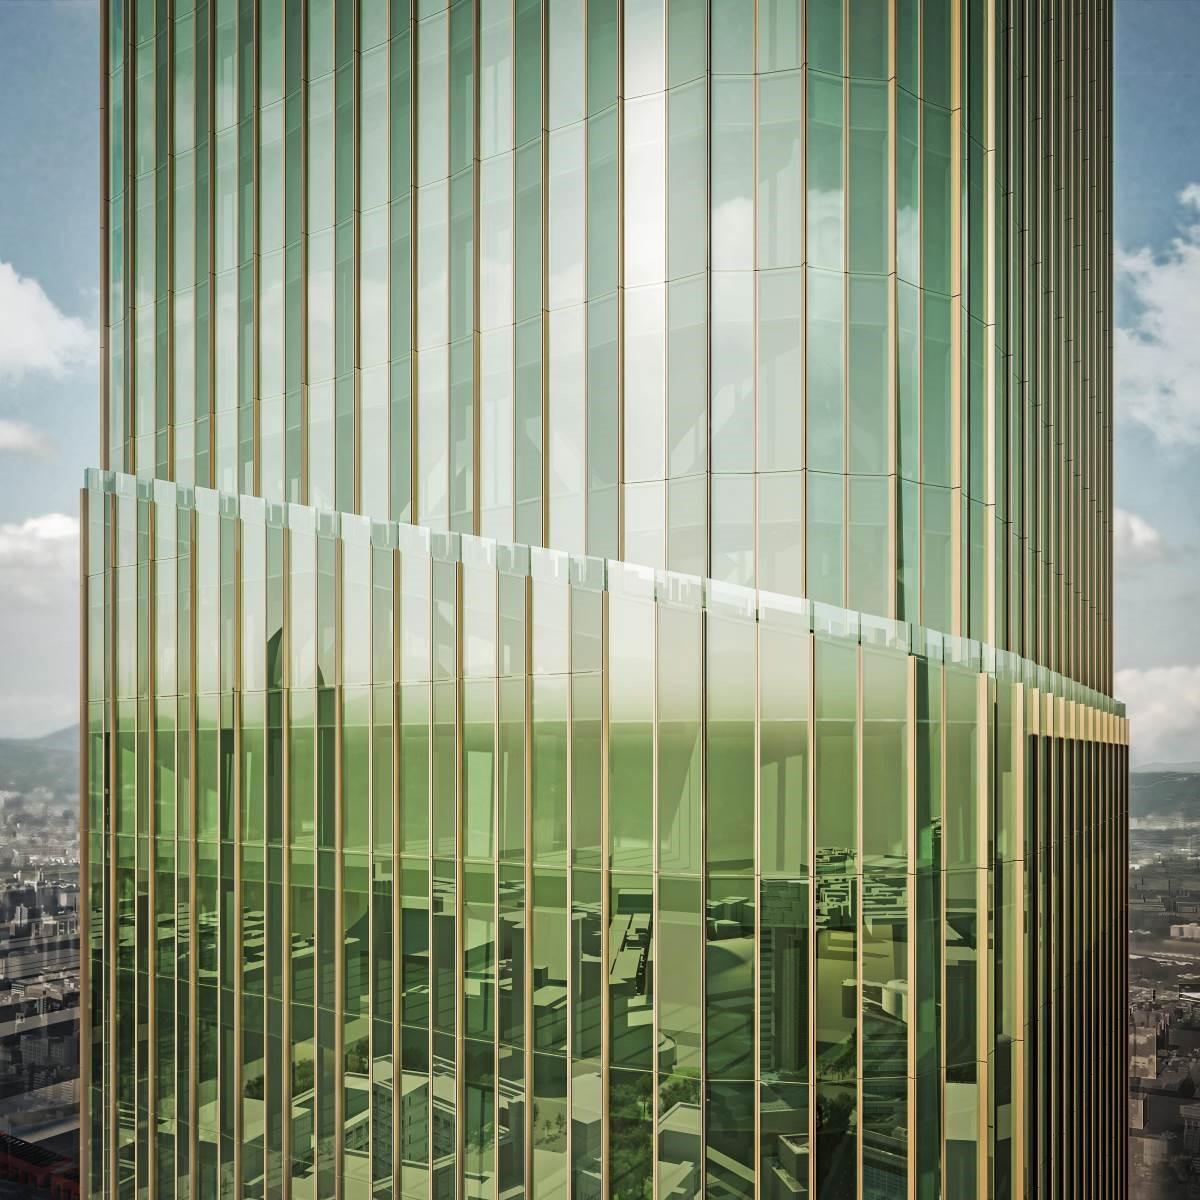 建築體的設計靈感來自綠竹筍,而帶著凹與凸的弧型玻璃讓建築神似希臘神殿的石柱,東西方形象和諧共融。(圖片提供:碩河開發)